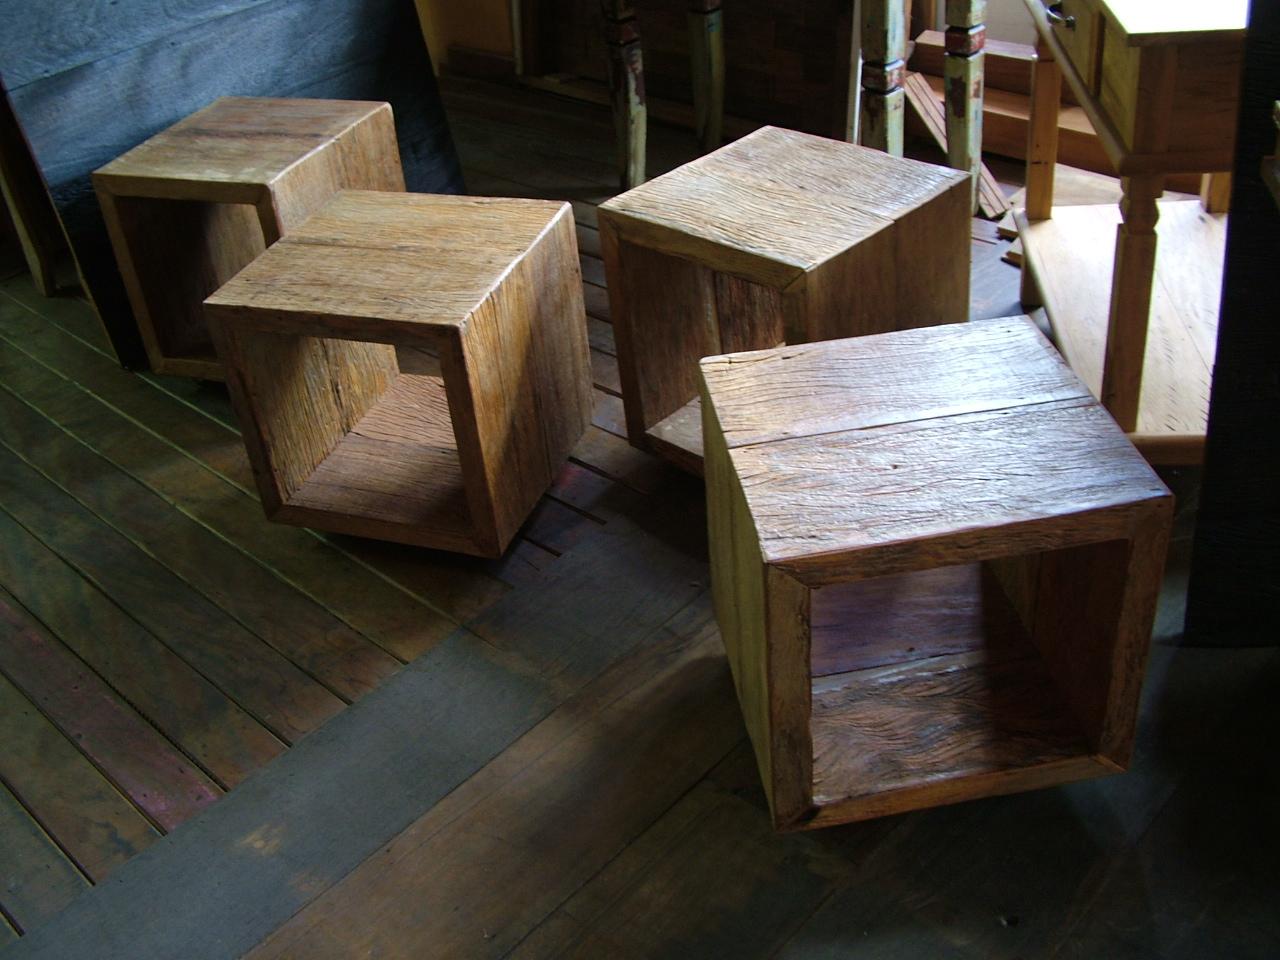 rústicos móveis em madeira de demolição cubos em madeira de  #45637B 1280x960